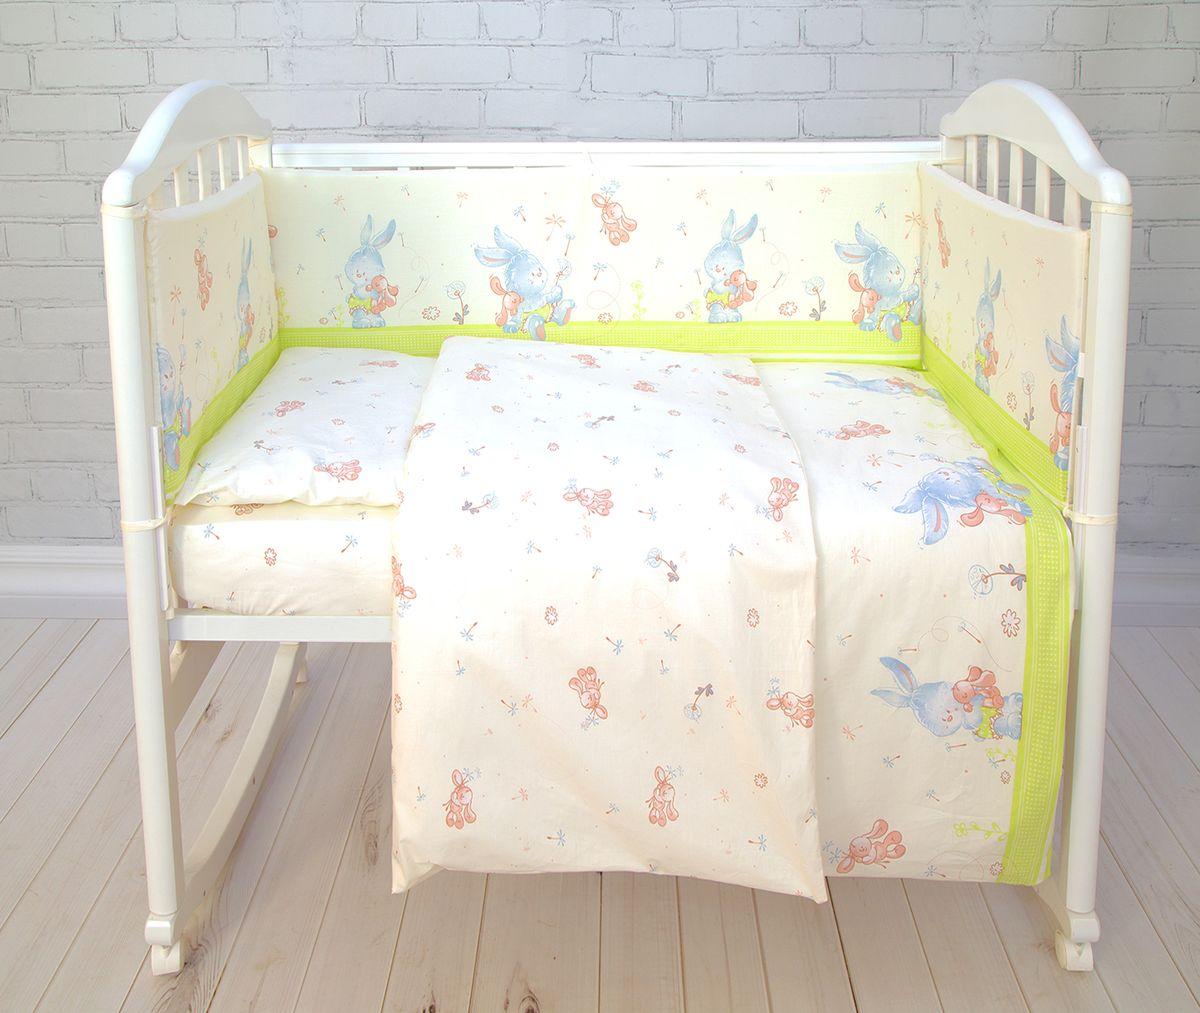 Baby Nice Комплект в кроватку Зайка 6 предметов цвет салатовыйН813-01_салатовыйКомплект в кроватку Baby Nice для самых маленьких должен быть изготовлен только из самой качественной ткани, самой безопасной и гигиеничной, самой экологичнойи гипоаллергенной. Отлично подходит для кроваток малышей, которые часто двигаются во сне. Хлопковое волокно прекрасно переносит стирку, быстро сохнет и не требует особого ухода, не линяет и не вытягивается. Ткань прошла специальную обработку по умягчению, что сделало её невероятно мягкой и приятной к телу. Состав комплекта: простынь 112х147, пододеяльник 112х147, наволочка 40х60, борт (120х35 - 2 шт, 60х35 - 2 шт) , одеяло с наполнителем файбер 110х140, подушка 40х60